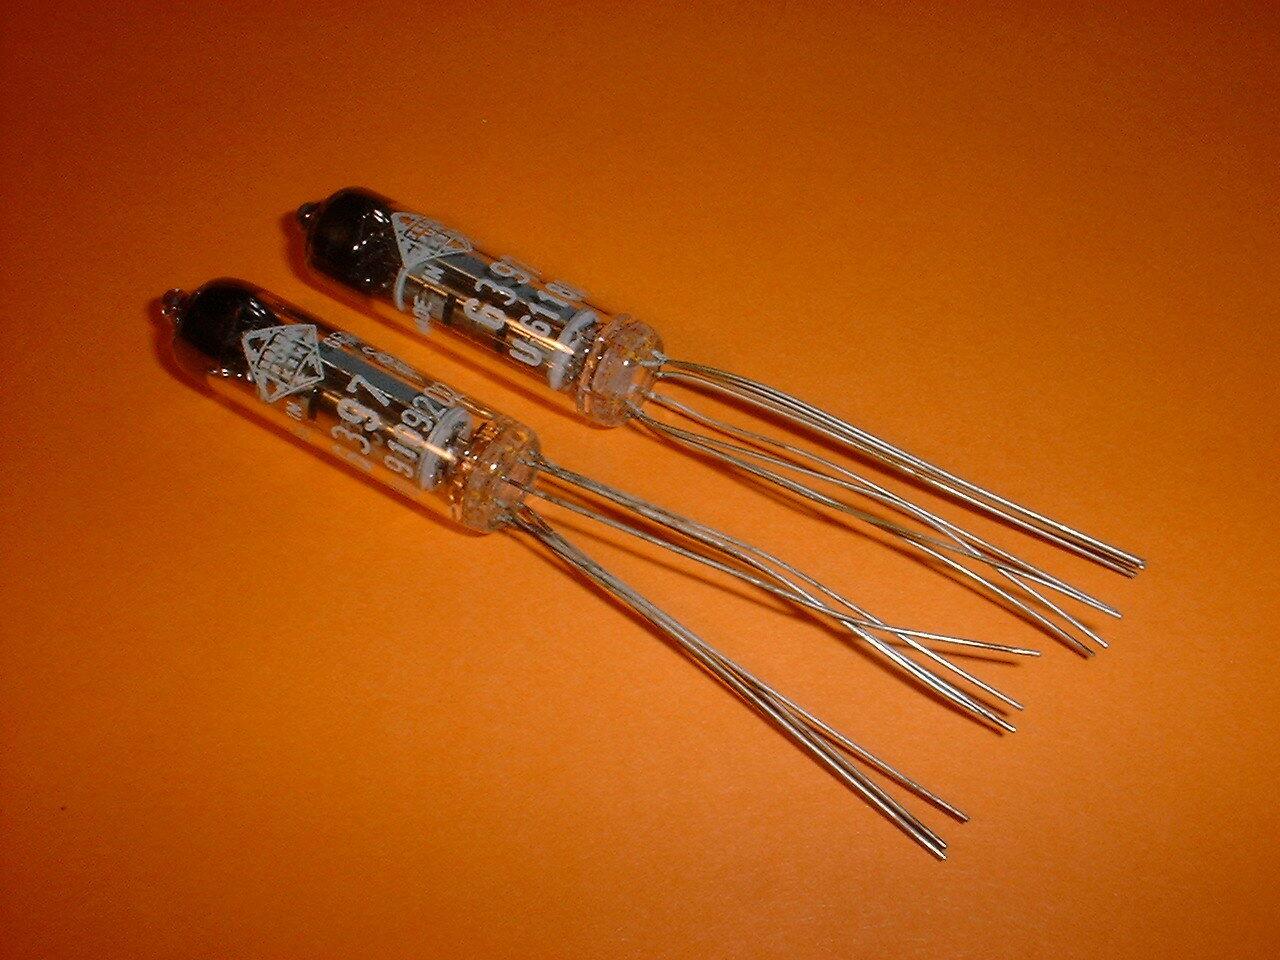 2 Telefunken Röhren 6397 spezial Elektronenröhren Senderöhren Subm.-Pentode